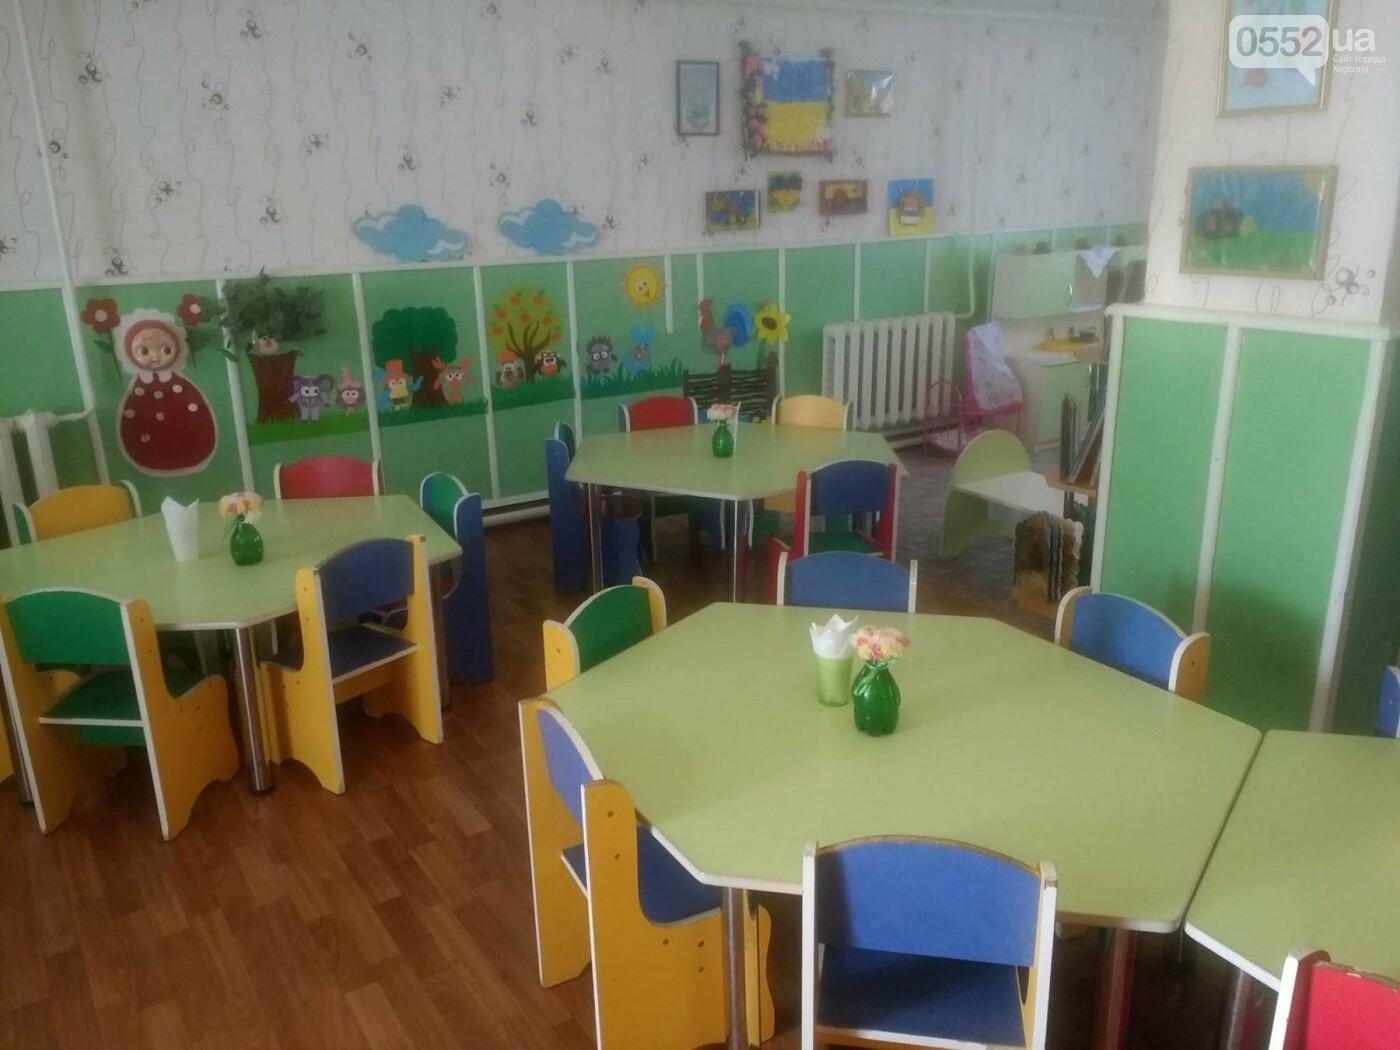 Зеленоподская ОТО - пример воплощения территориальной реформы на Херсонщине, фото-4